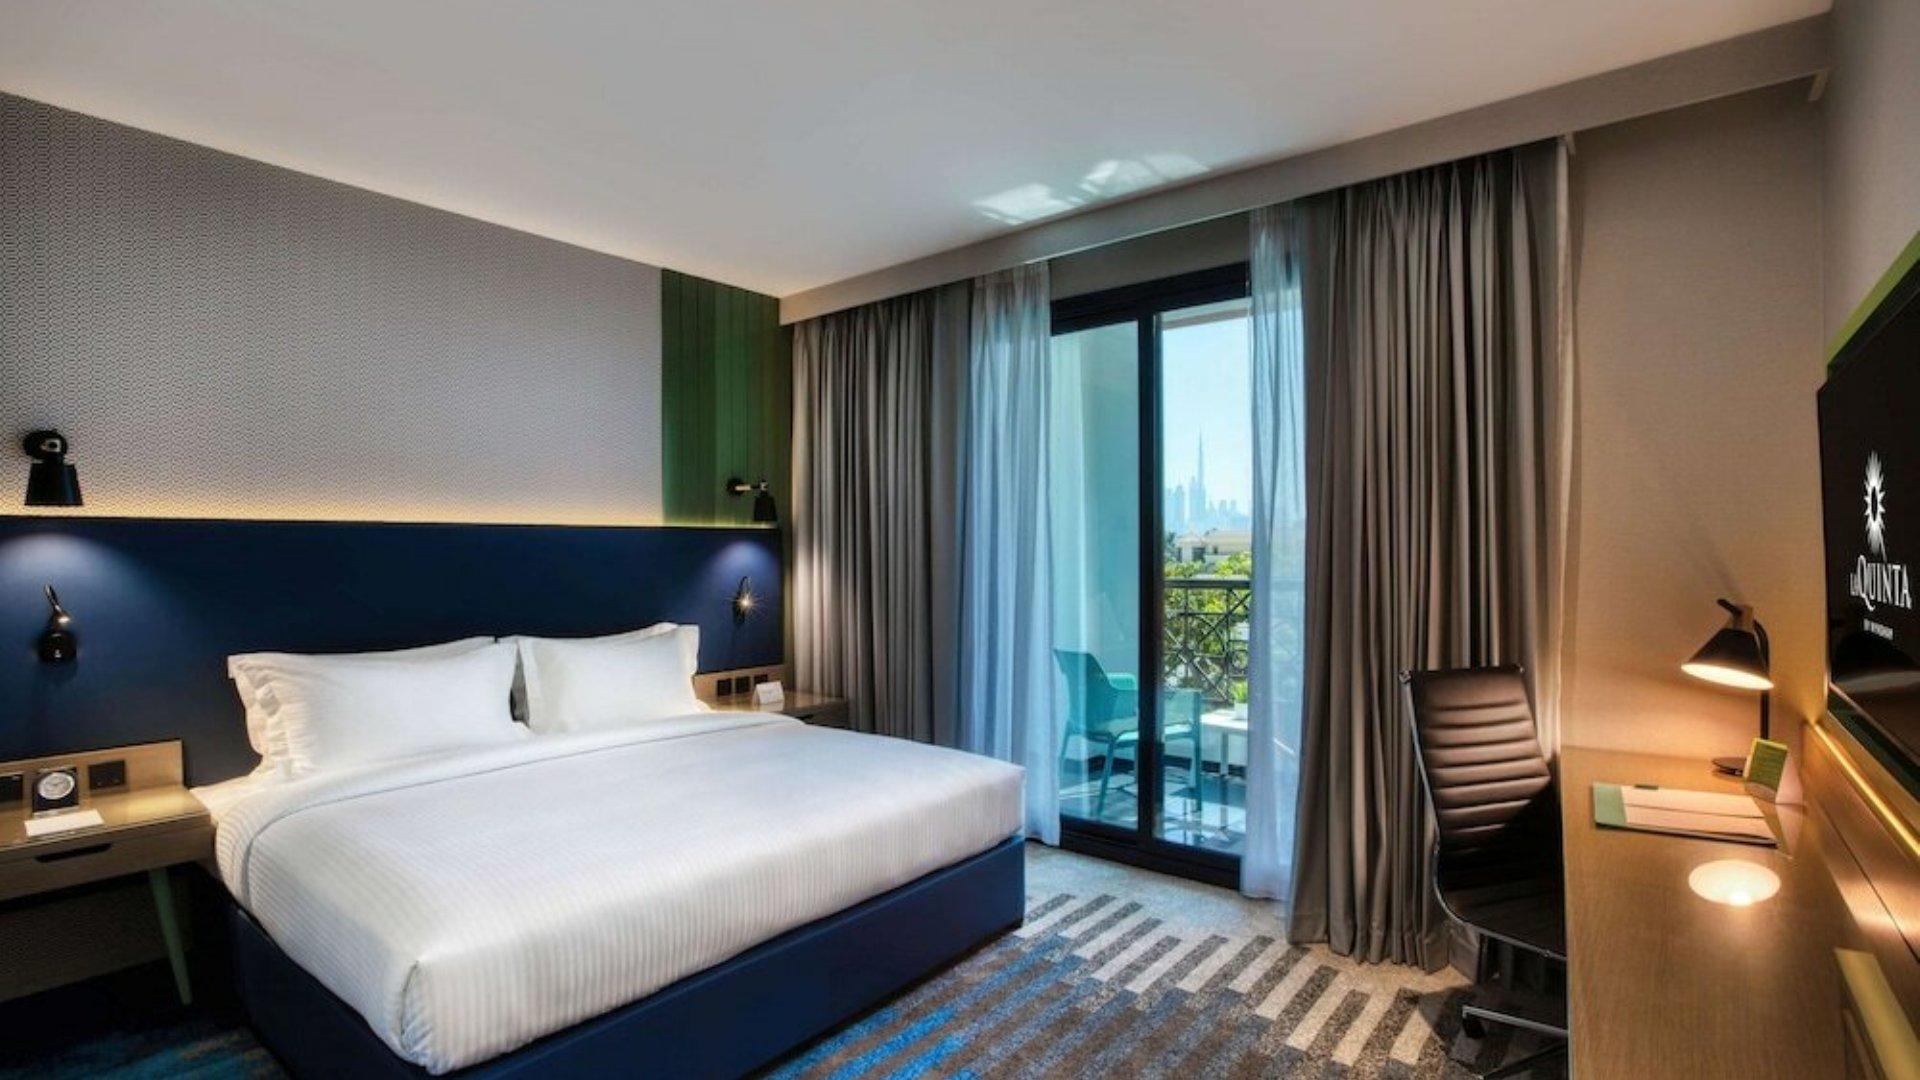 Villa en venta en Dubai, EAU, 4 dormitorios, 269 m2, № 24323 – foto 3